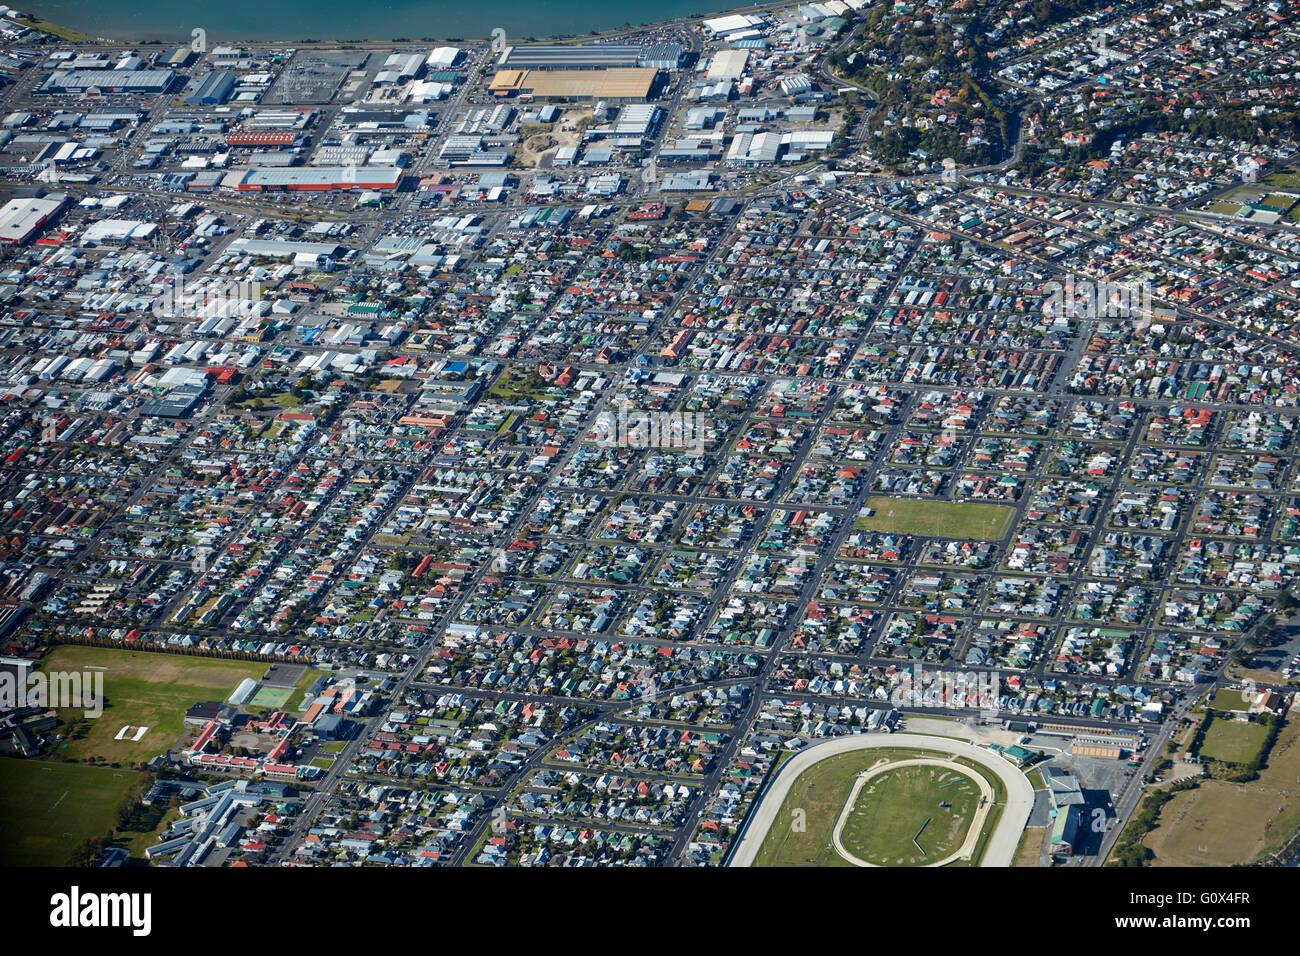 Forbury Park Raceway, Saint Kilda, South Dunedin, Otago, île du Sud, Nouvelle-Zélande - vue aérienne Banque D'Images